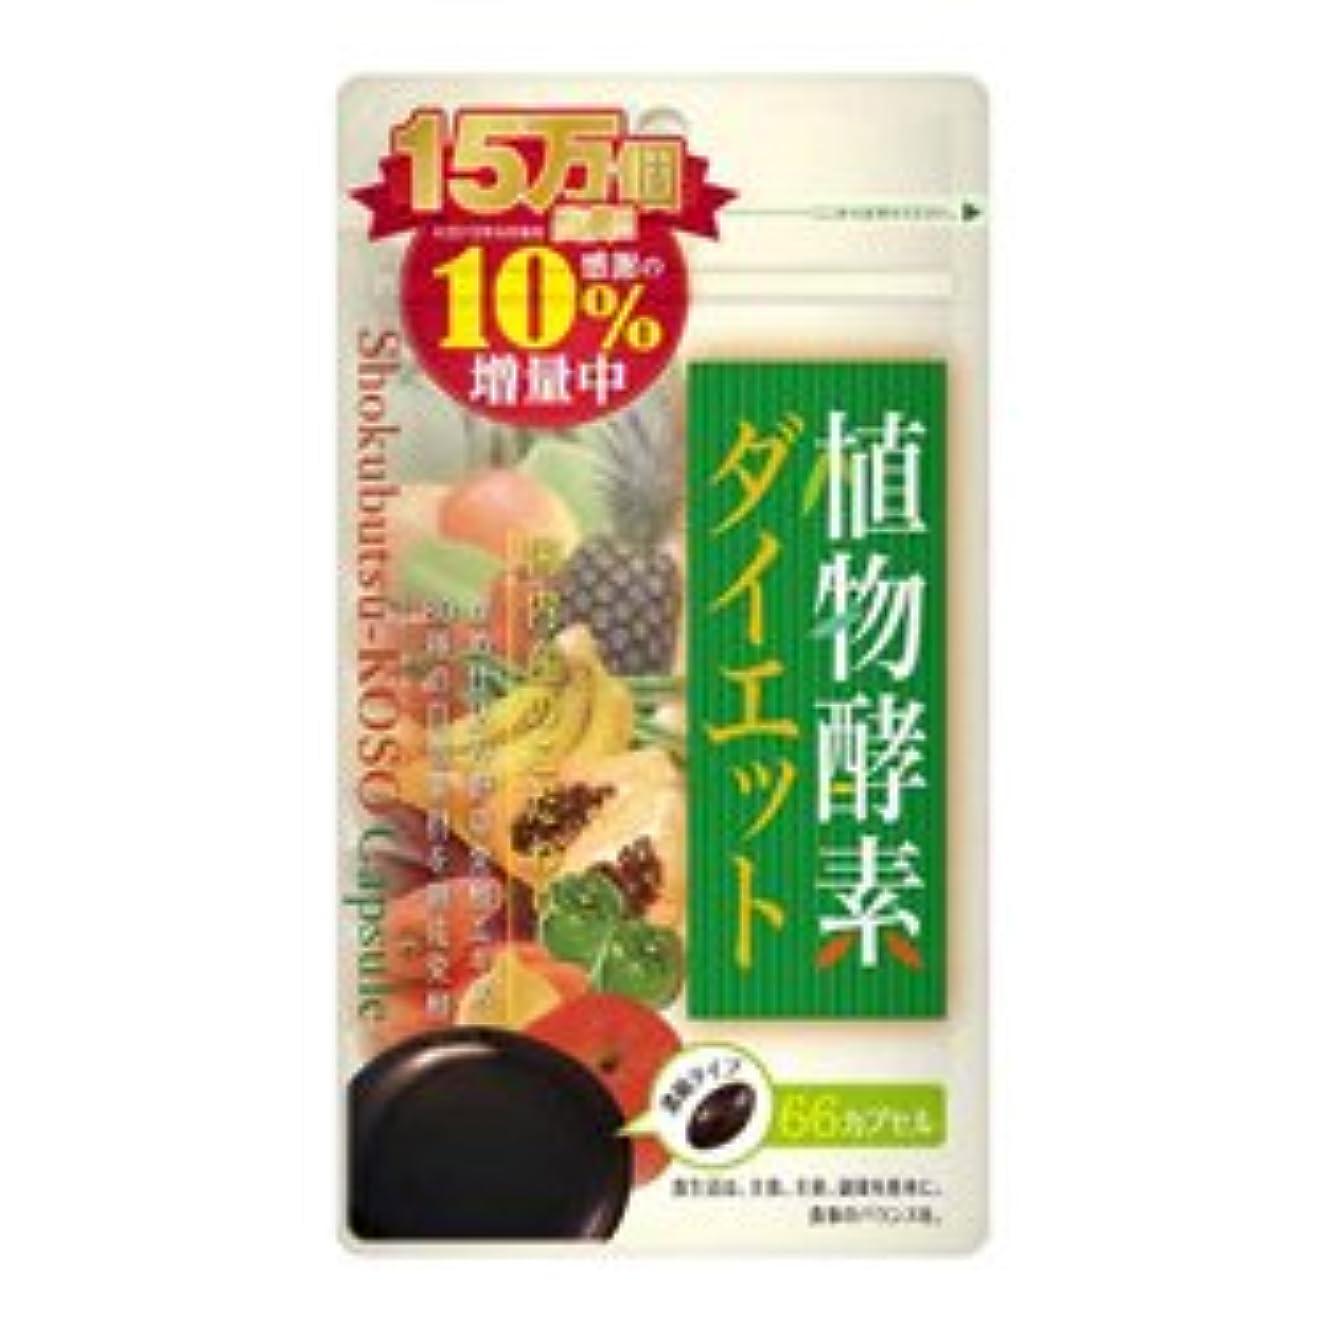 子猫神学校存在【ウエルネスジャパン】植物酵素ダイエット 66カプセル ×5個セット